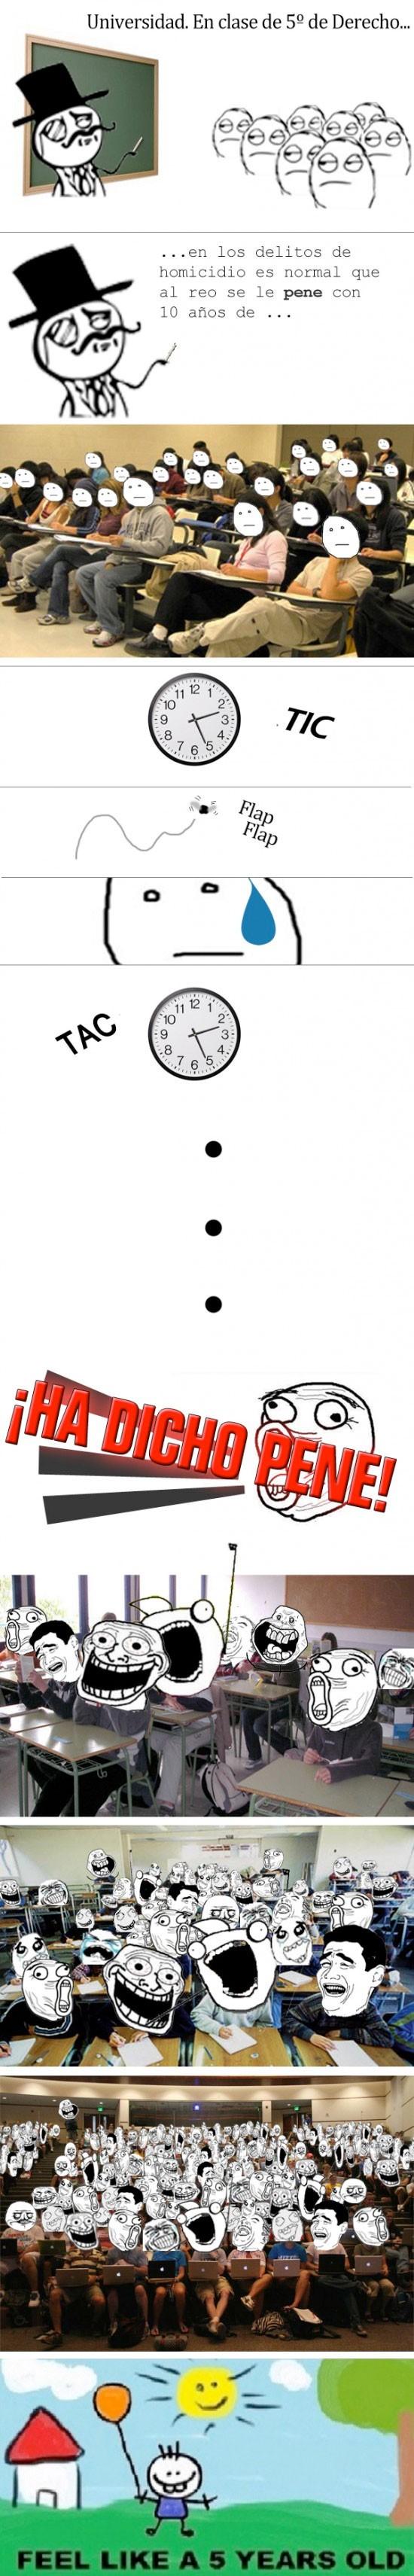 Like_a_5_years_old - Clase de Derecho